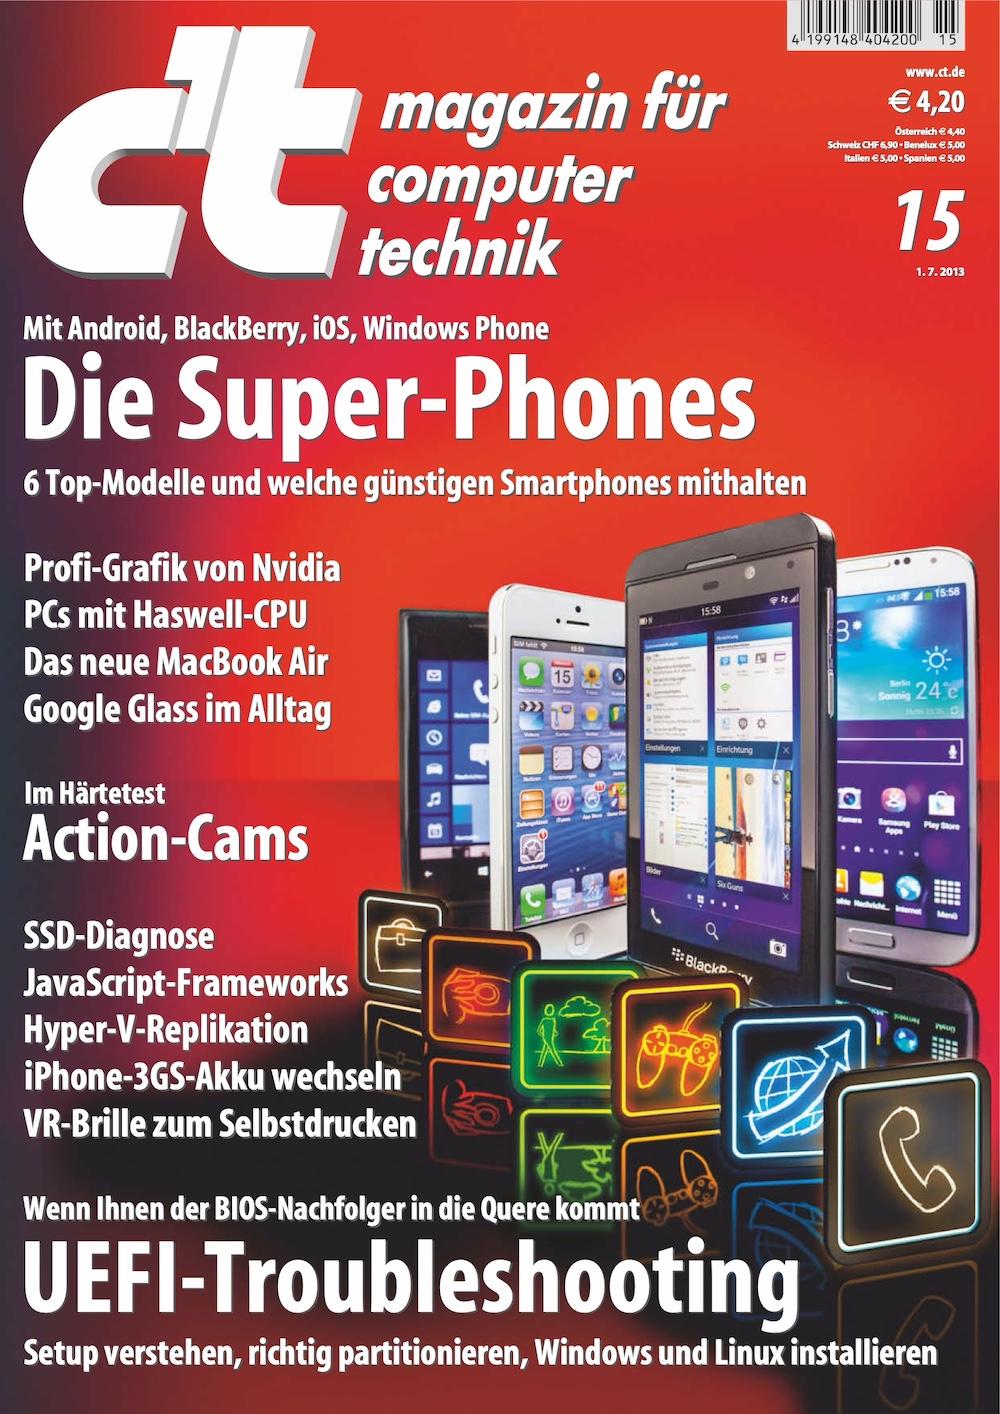 c't Magazin 2013-15